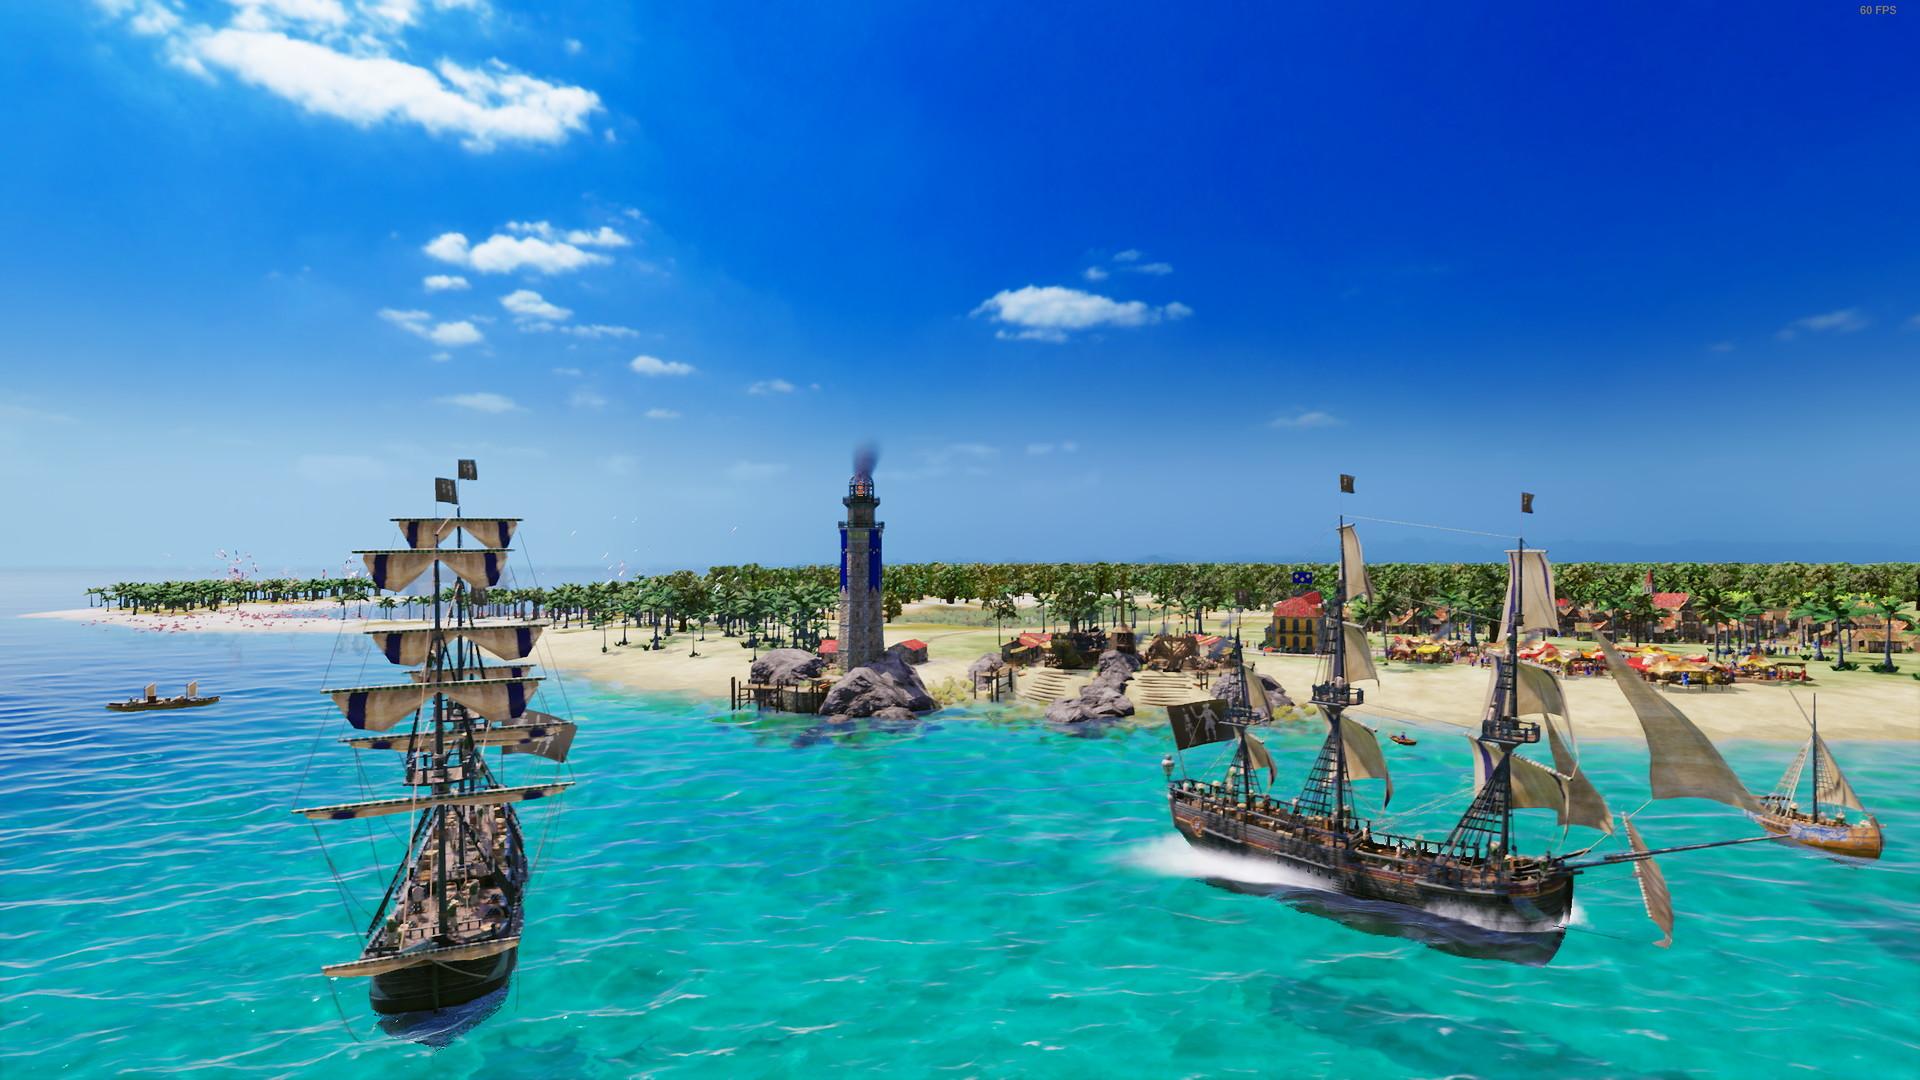 В новом аддоне Port Royale 4 можно будет создать свою пиратскую республику